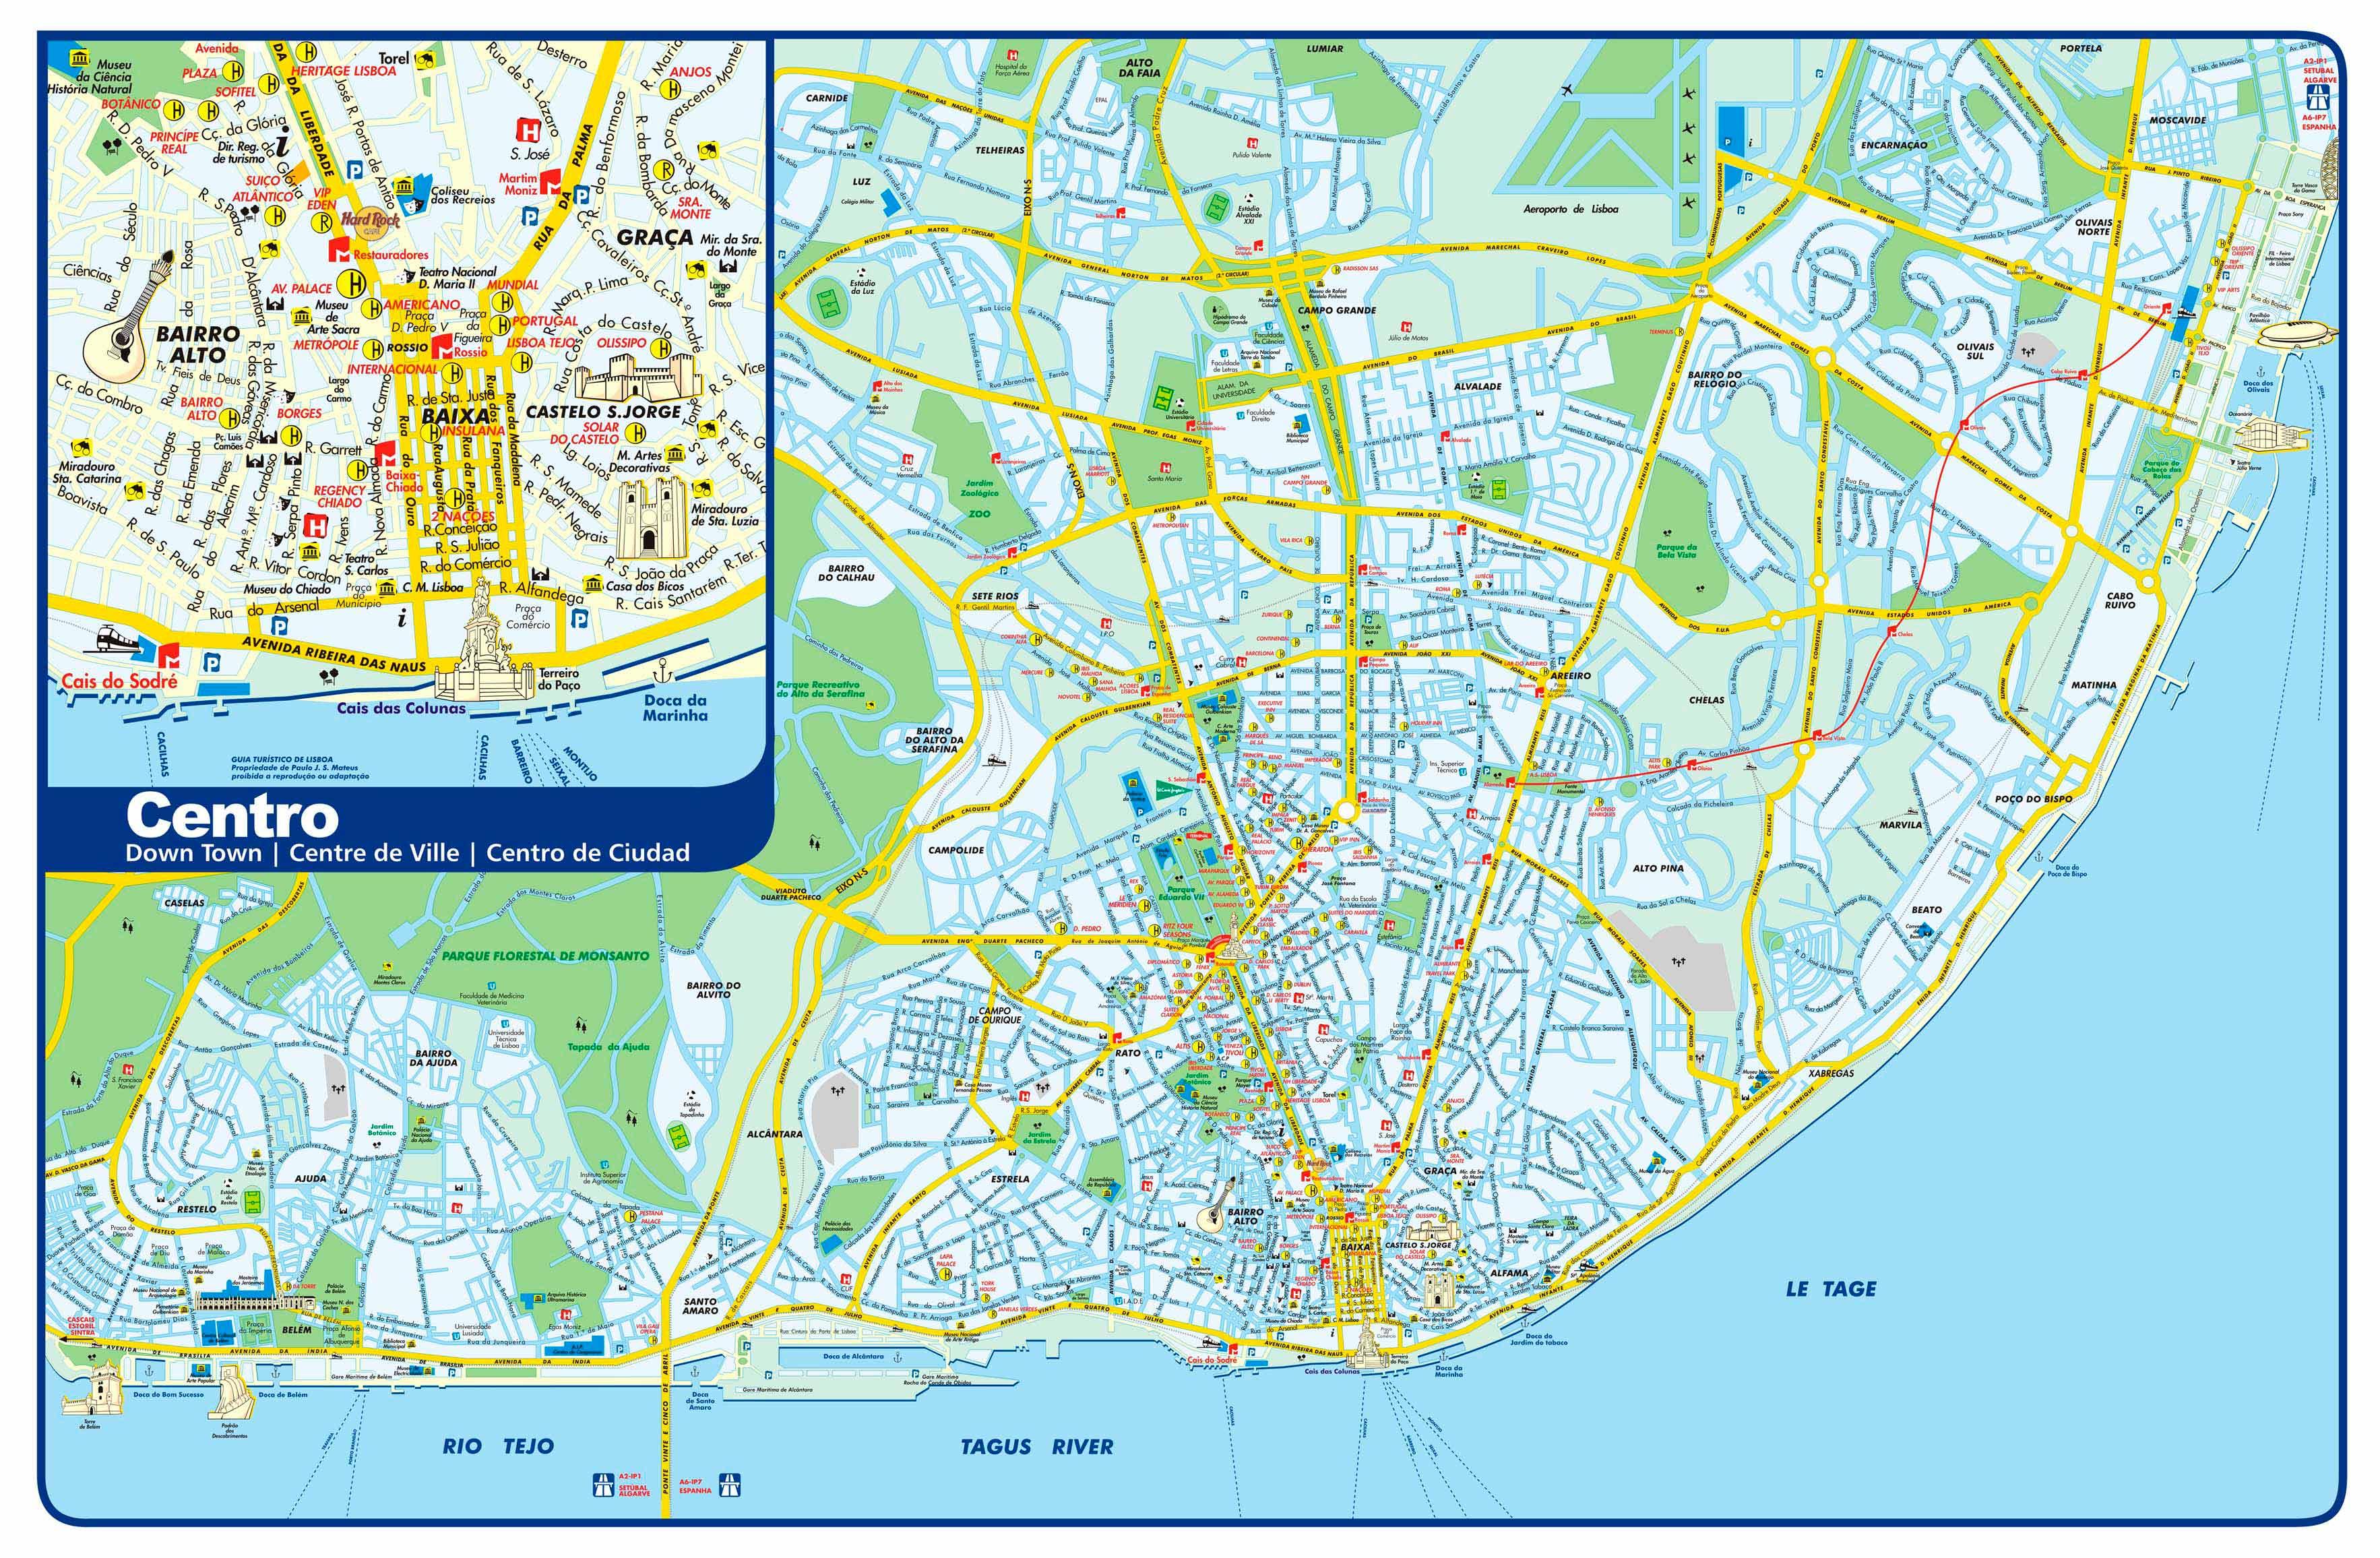 mapa de lisboa ruas Mapa de Monumentos em Lisboa | Roteiros e Dicas de Viagem mapa de lisboa ruas